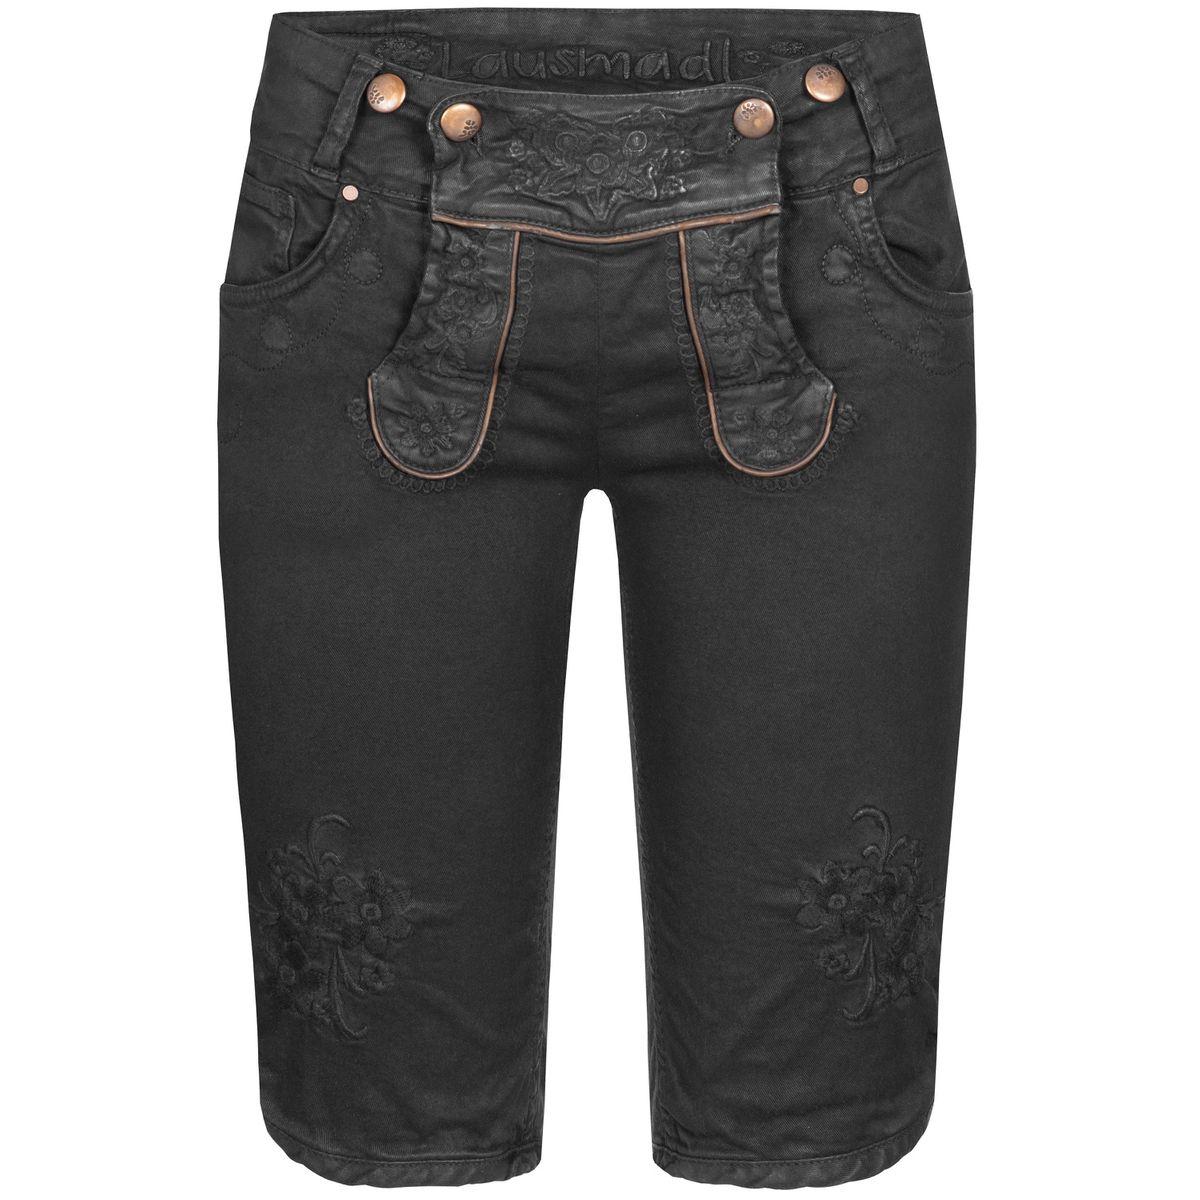 Jeans-Lederhose Bermuda Ovida in Schwarz von Hangowear günstig online kaufen